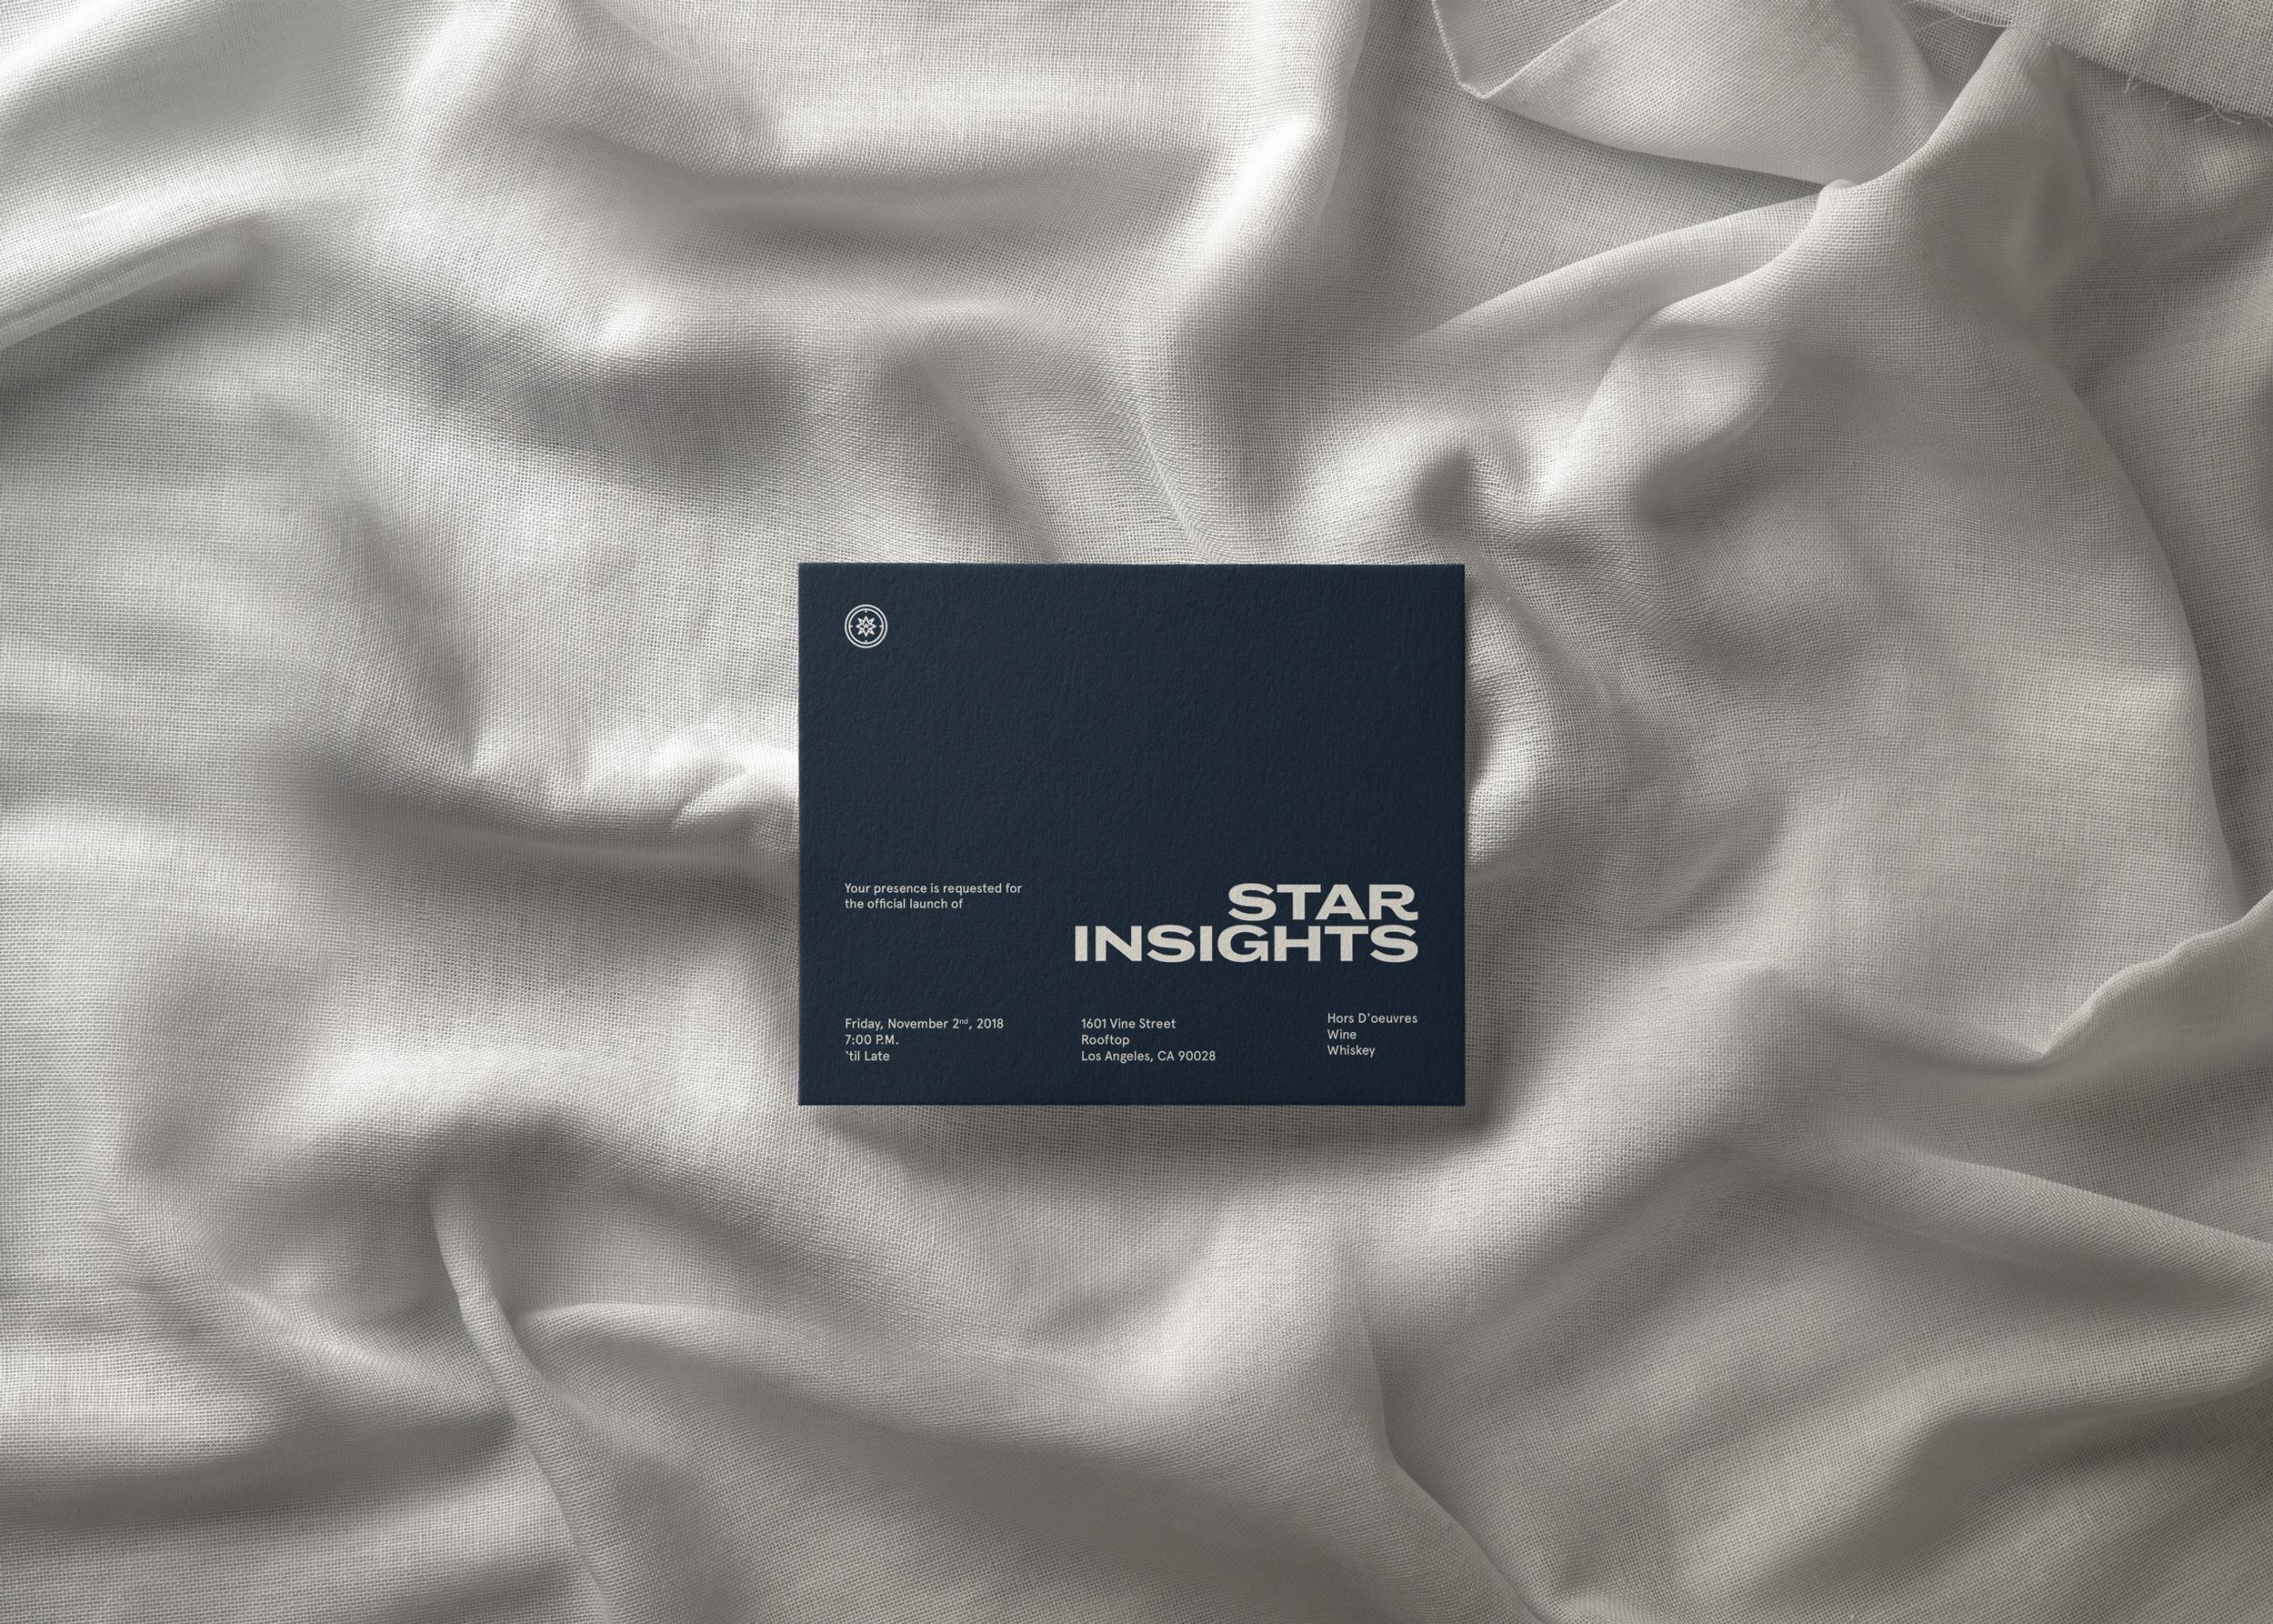 StarInsights_Invite_Mockup.jpg